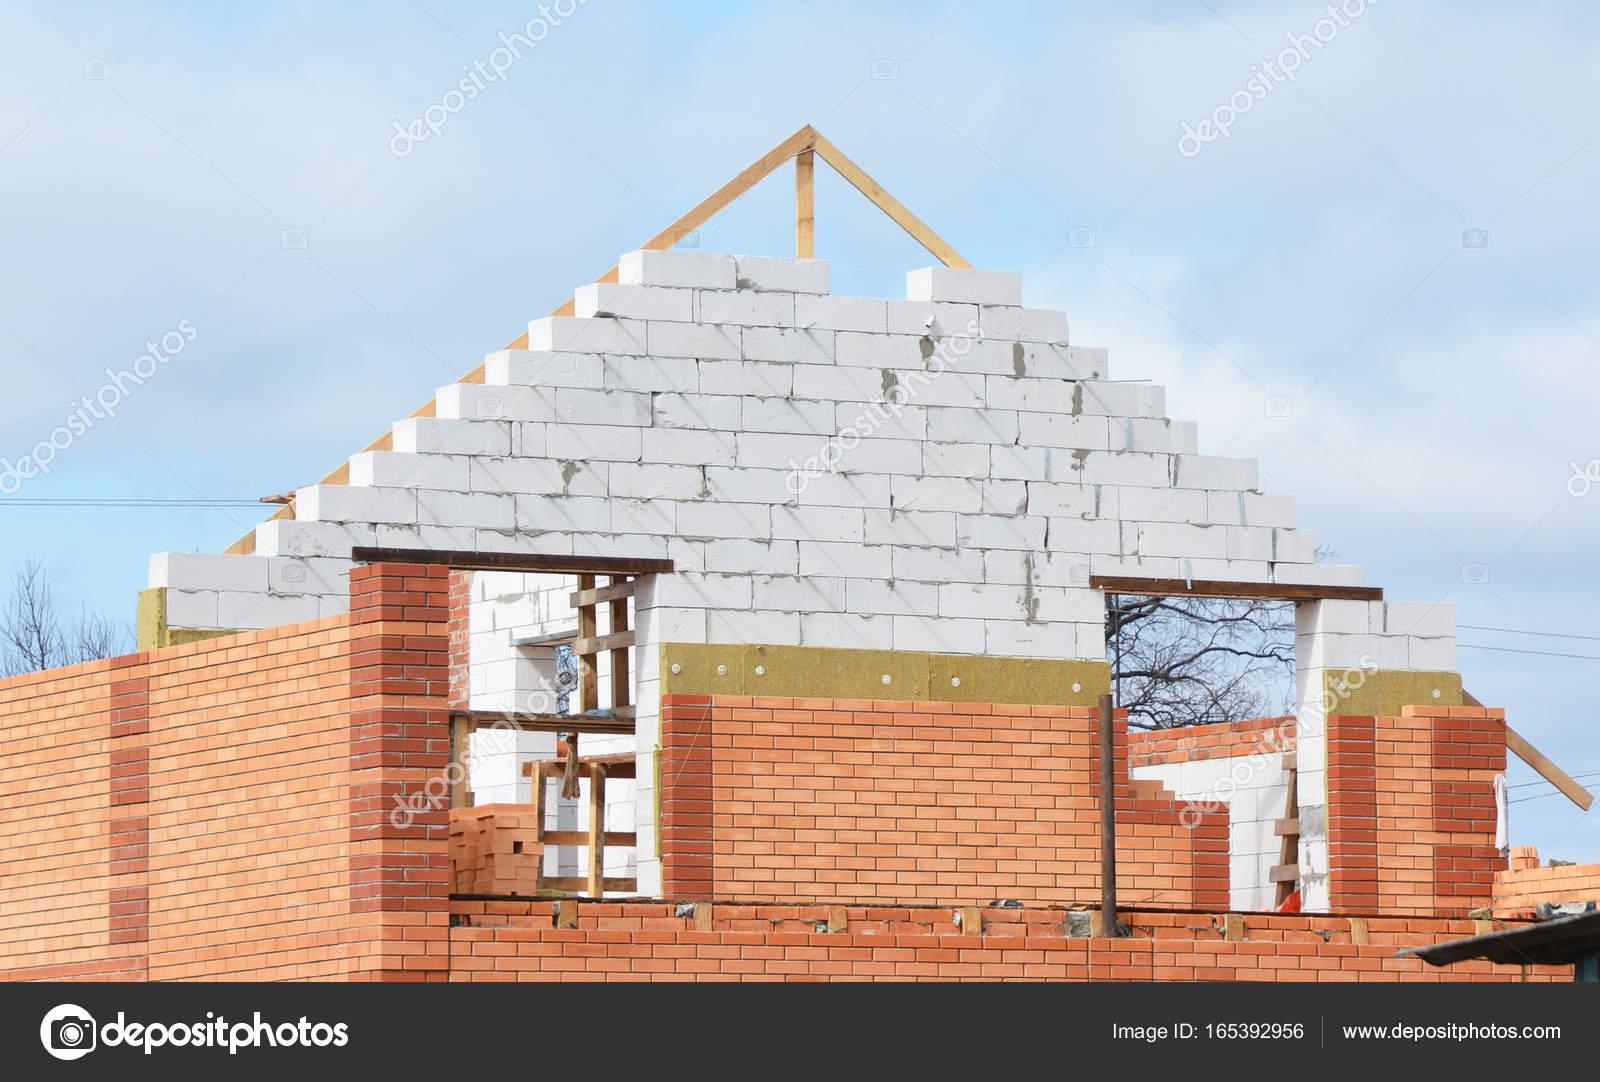 Hausbau mit Isolierung für Energieeinsparung. Isolierung Haus ...